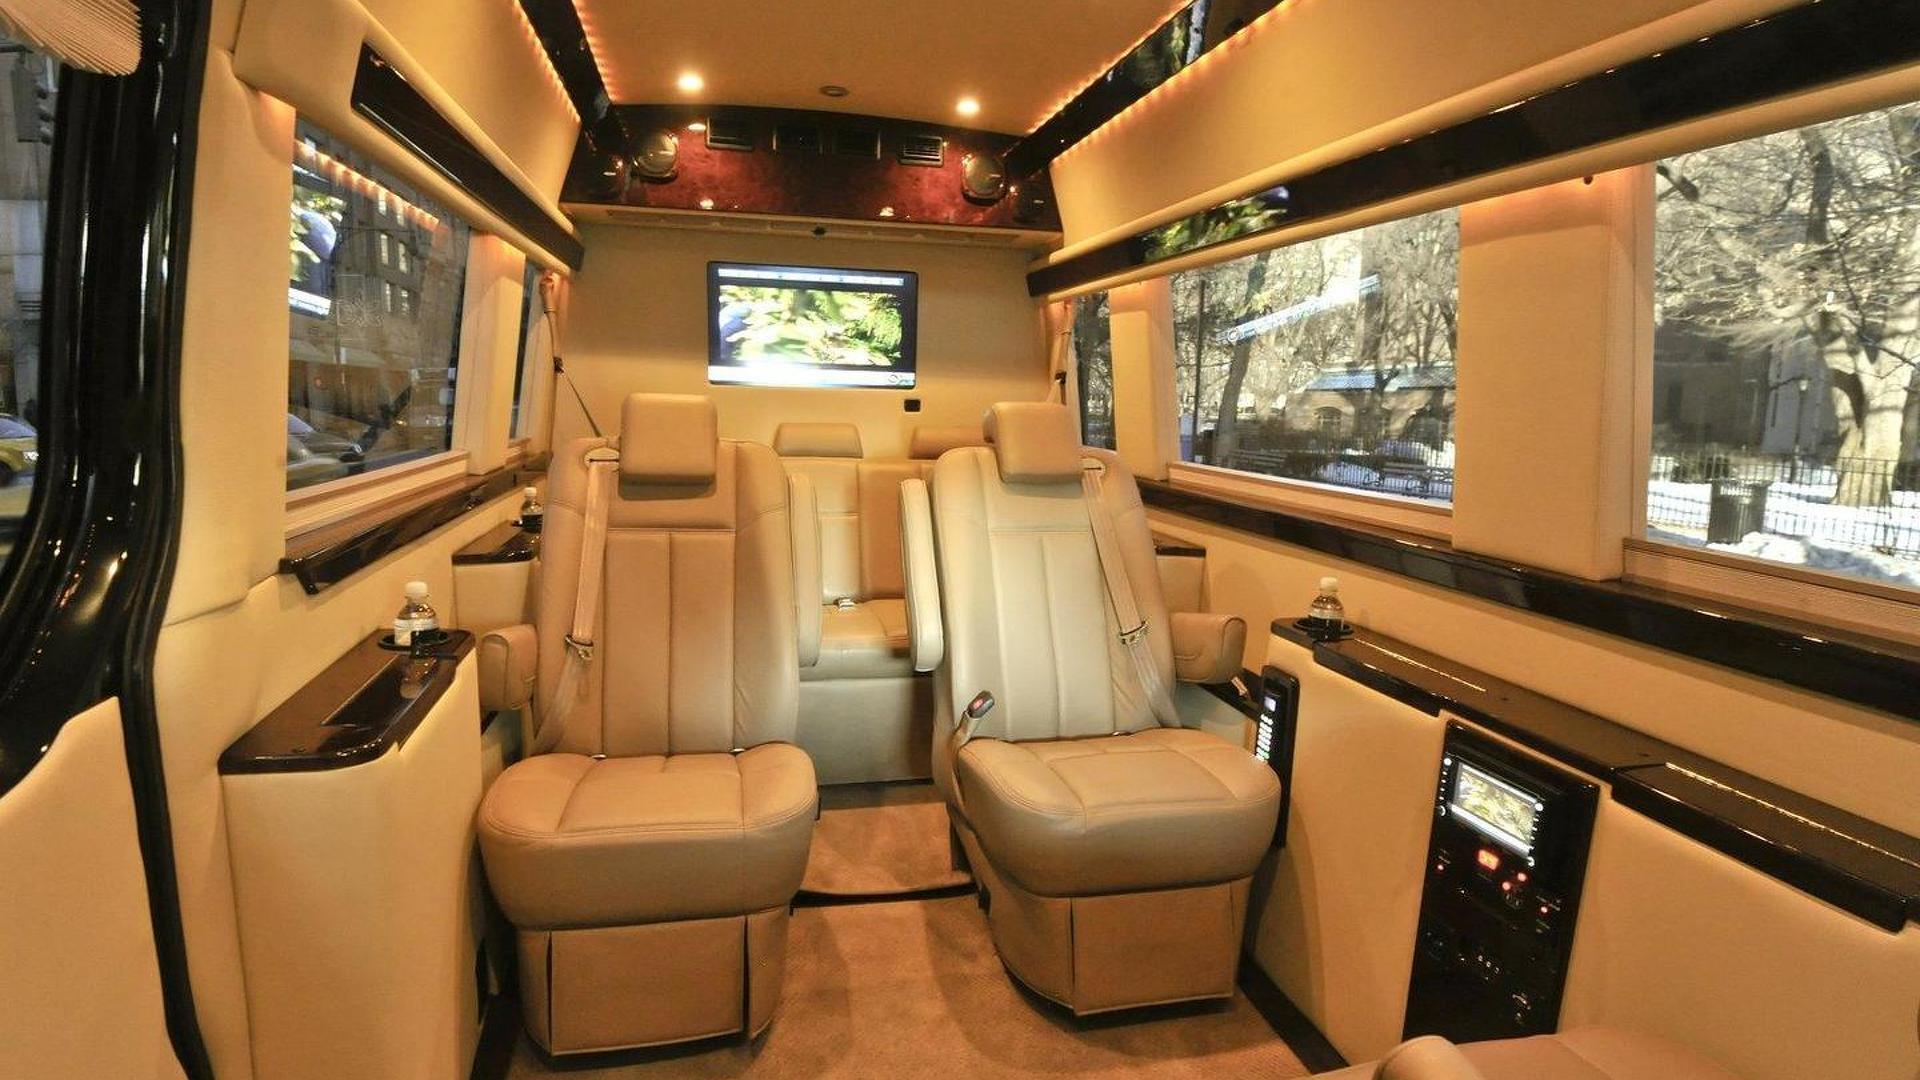 Mercedes Benz Sprinter Transformed Into Luxury Cruiser By Brilliant Van